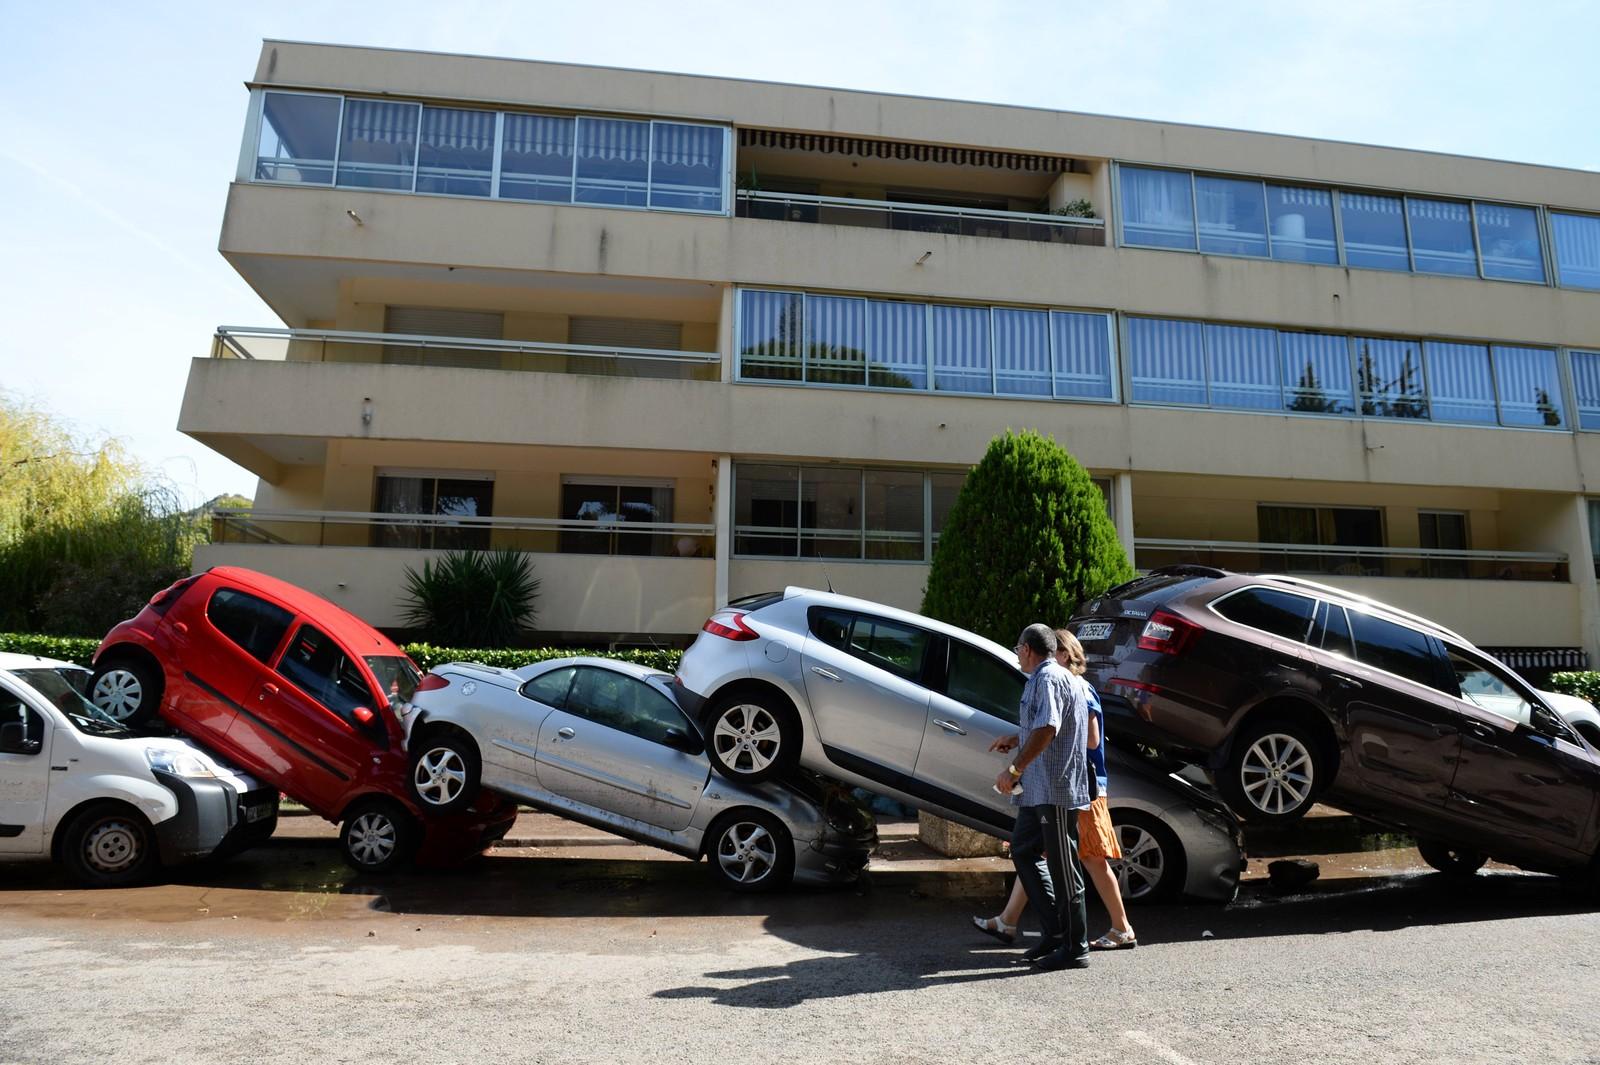 Biler lå stablet oppå hverandre i Mandelieu-la-Napoule, sør i Frankrike, etter stormen og flommen i starten av oktober.